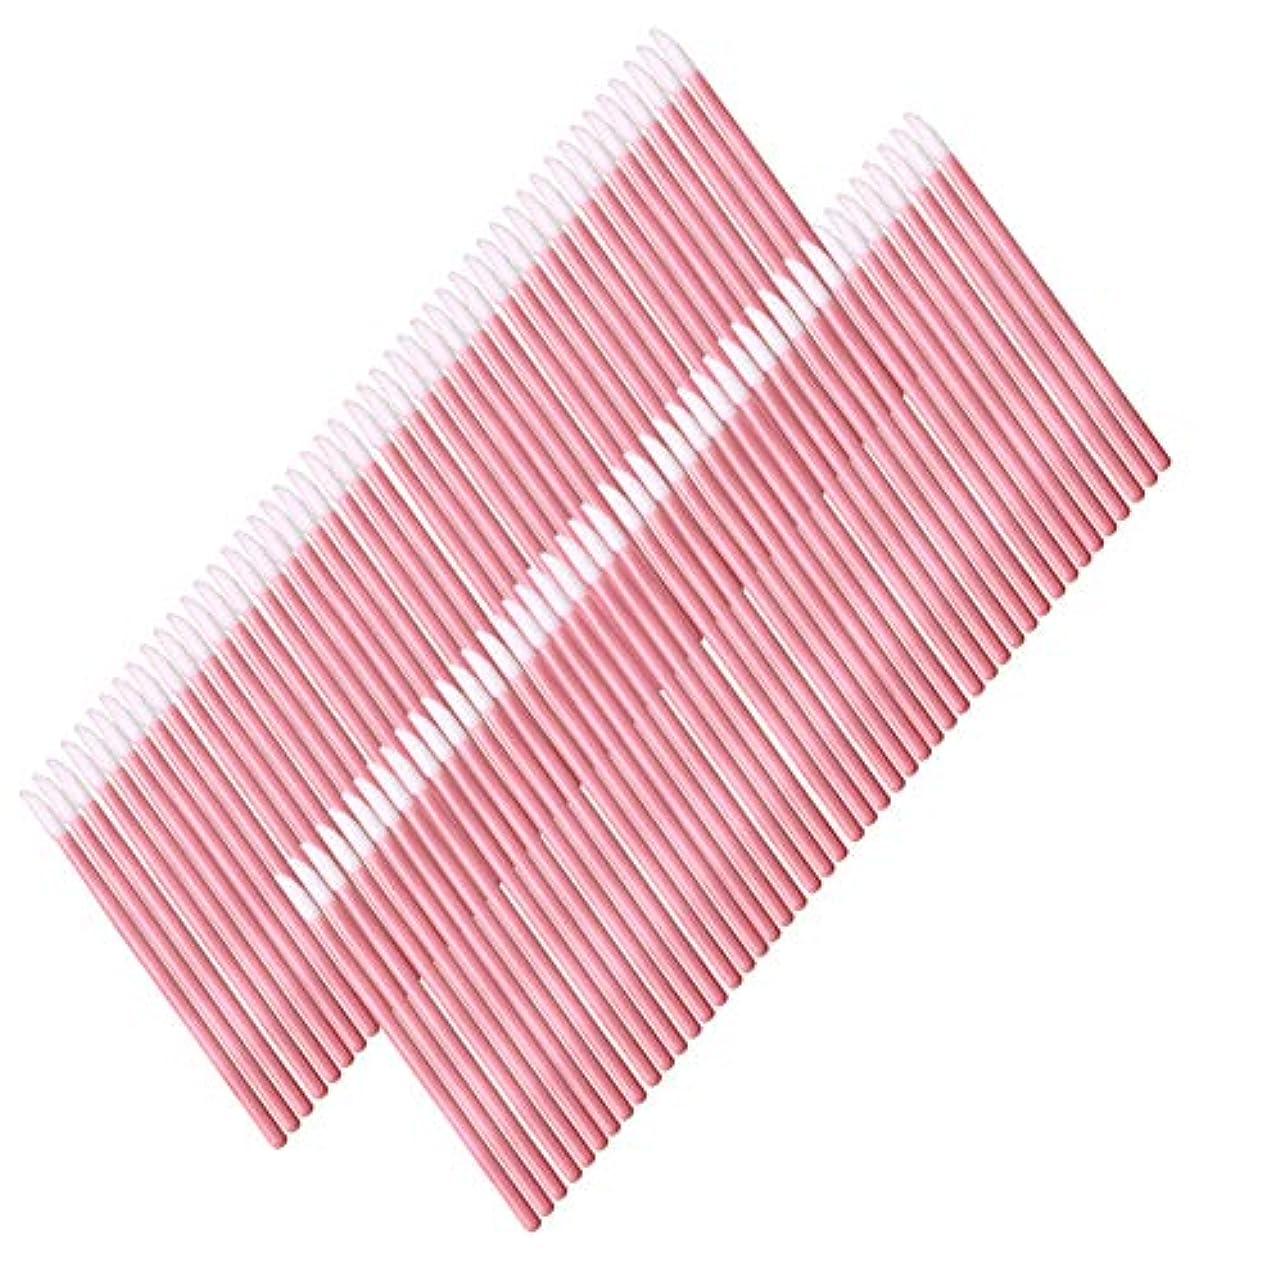 中毒溶岩コンピューターを使用する50使い捨てのリップブラシメイクブラシアプリケーターリップグロス口紅のメイクアップツールトークン(ピンク)